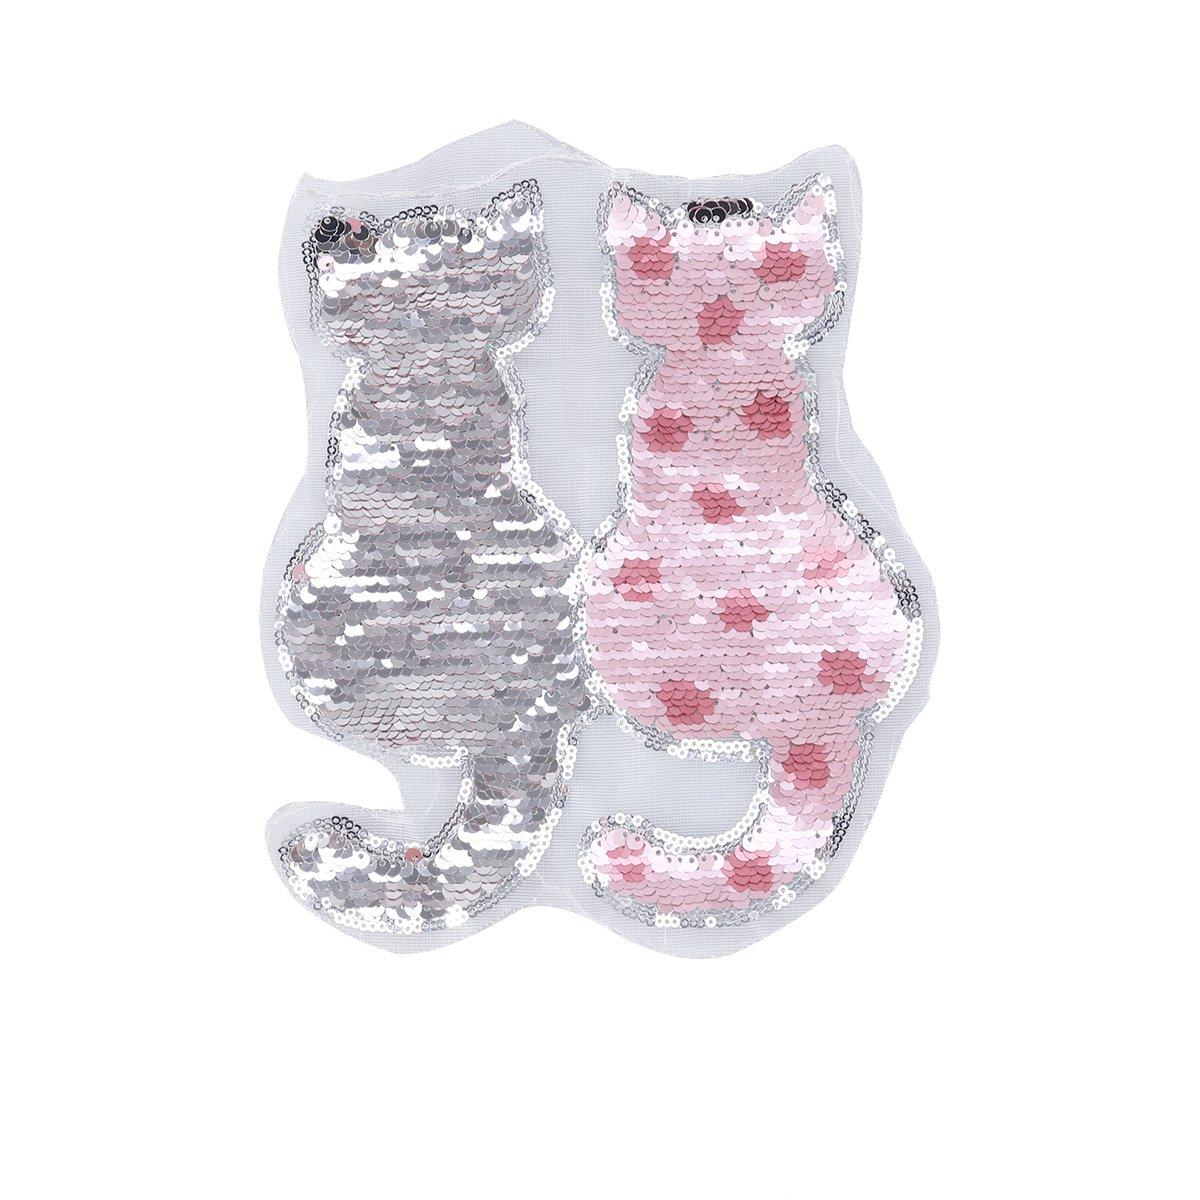 ULTNICE Gatto reversibile color cambiando paillettes cucito vestiti fai da te toppe vestiti accessori (rosa)